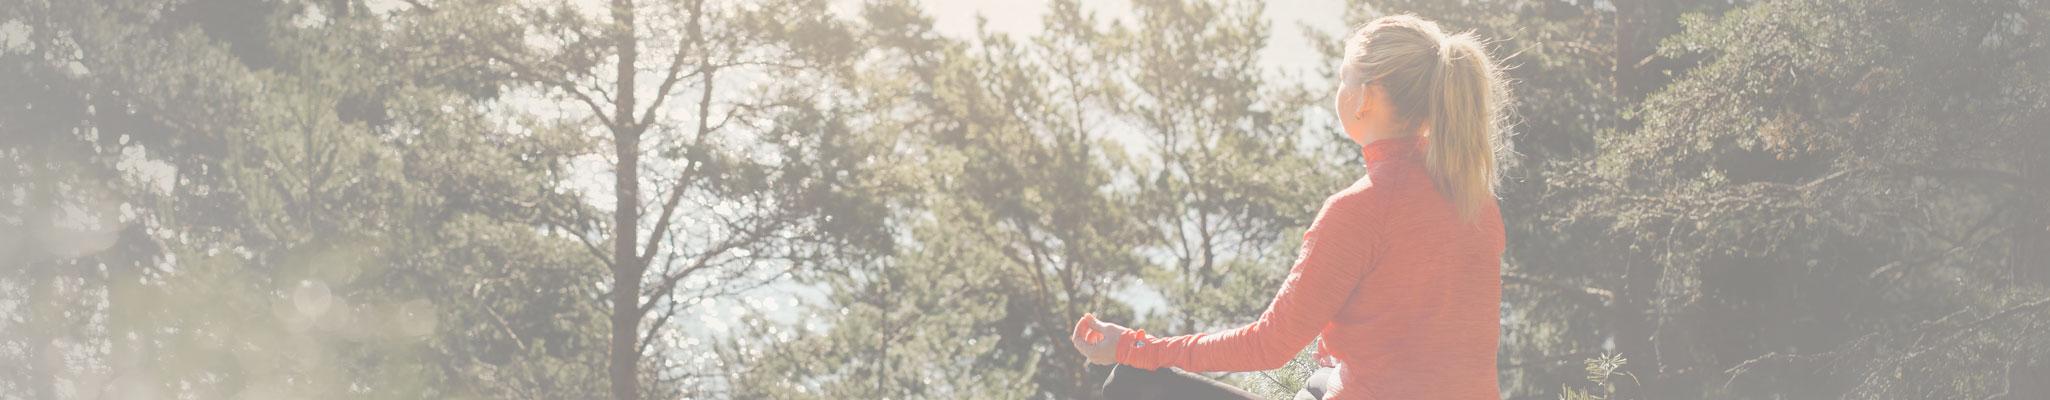 Kvinna mediterar och yogar i naturen utanfor VANN Spa